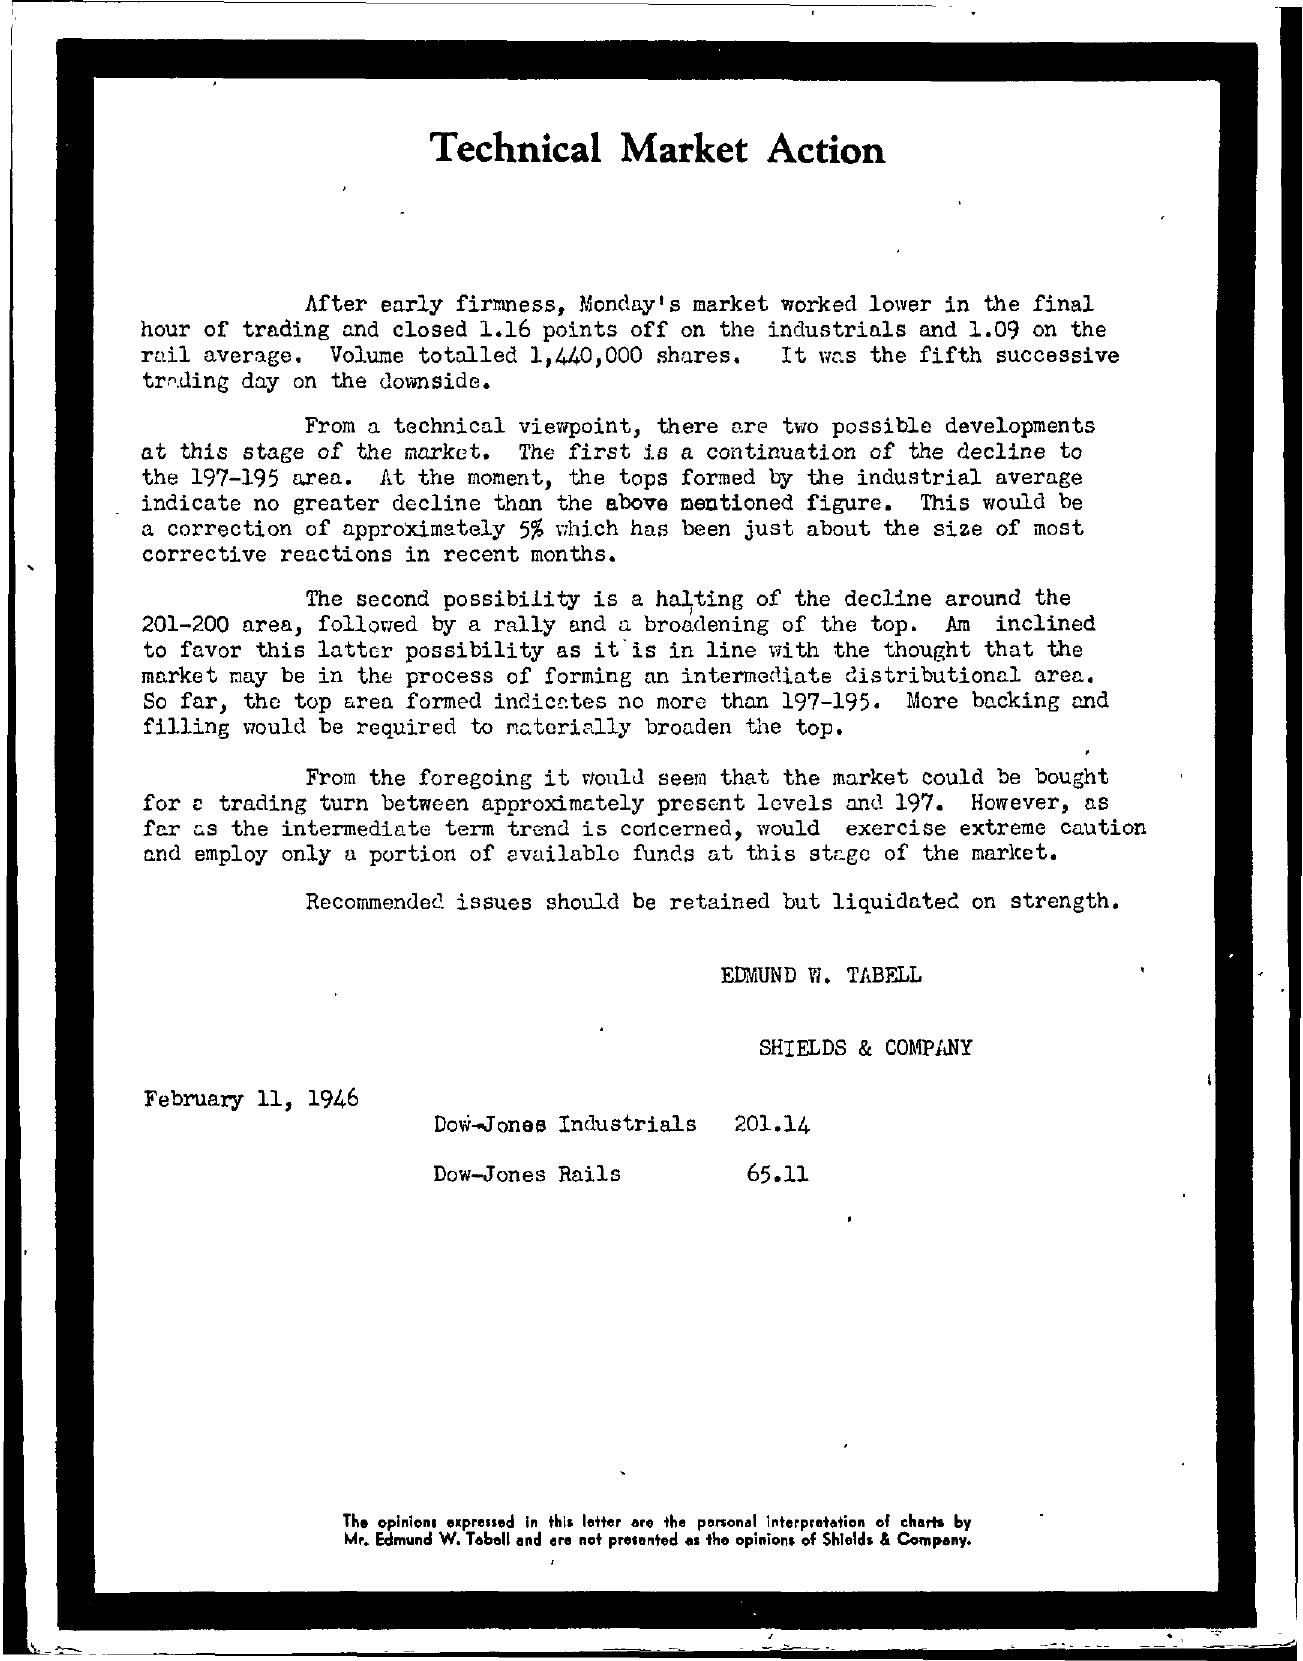 Tabell's Market Letter - February 11, 1946